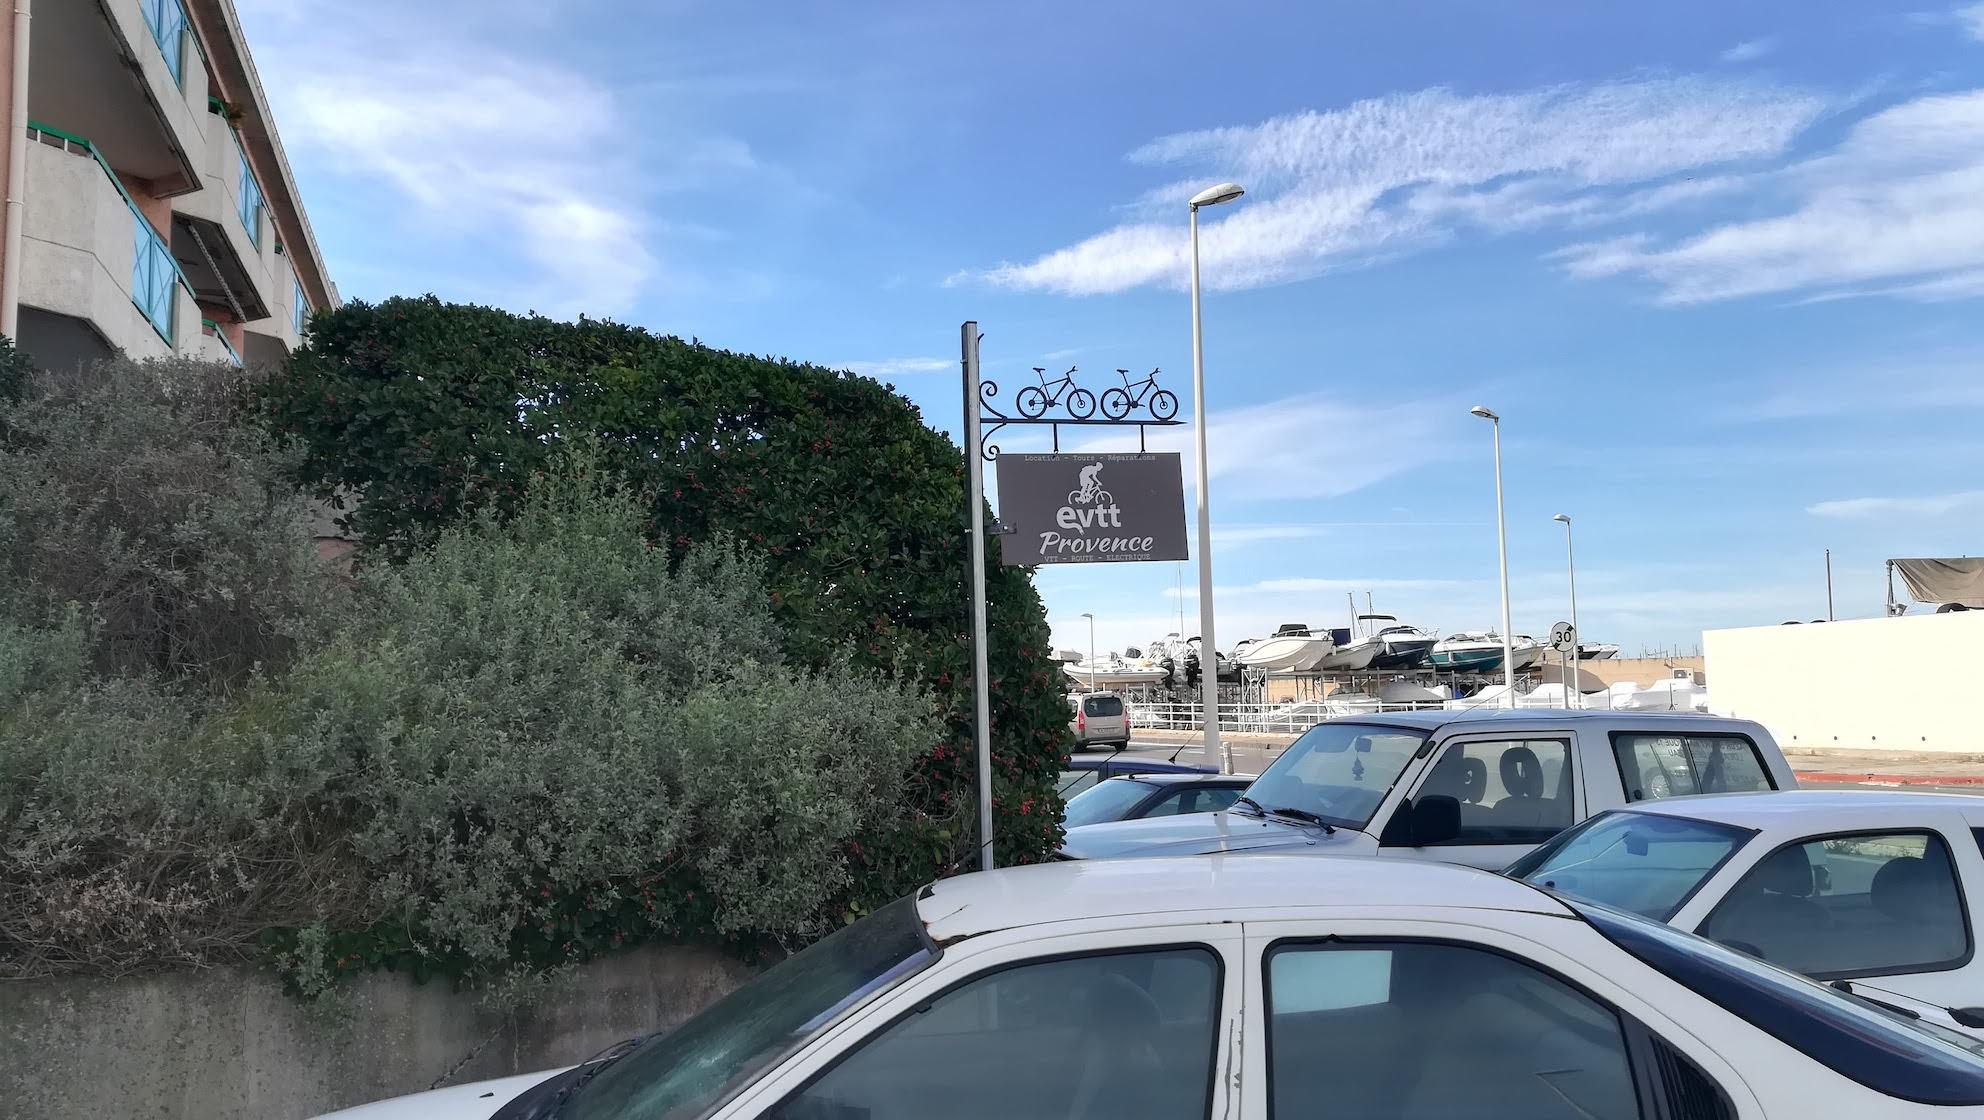 A la demande de notre client vendeur de velos et vtt nous avons fabrique sur mesure un porte enseigne . Localisation Provence